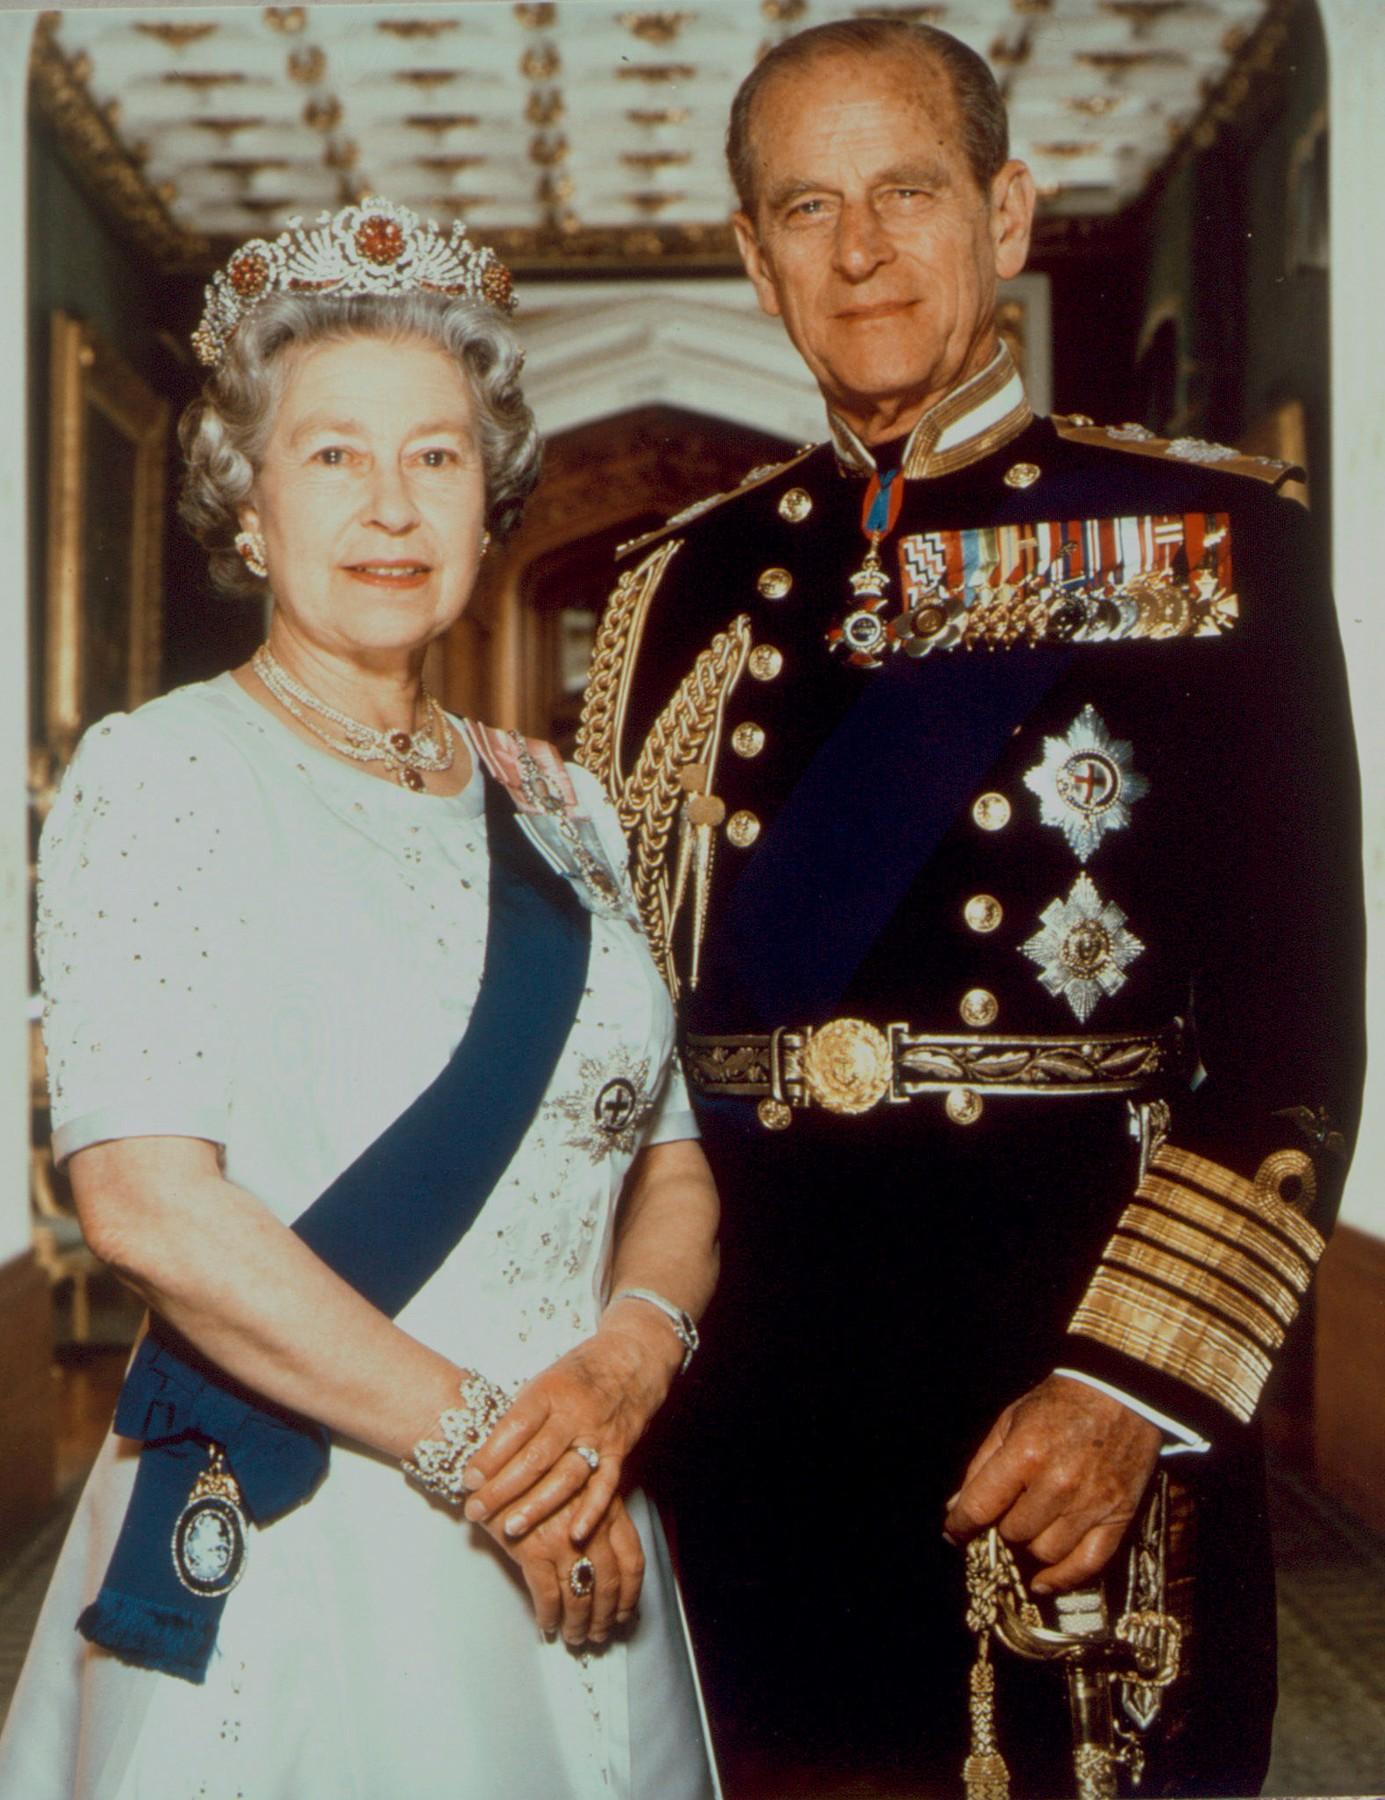 Elisabeth II., Königin (seit 1952) von Großbritannien u. Nordirland; geb. 1926.  Königin Elisabeth II. und Ehemann Prinz Philip im Buckingham Palast.  Foto, um 1993 (Terry O'Neill).,Image: 147690147, License: Rights-managed, Restrictions: For editorial use only., Model Release: no, Credit line: Britische Botschaft / AKG / Profimedia